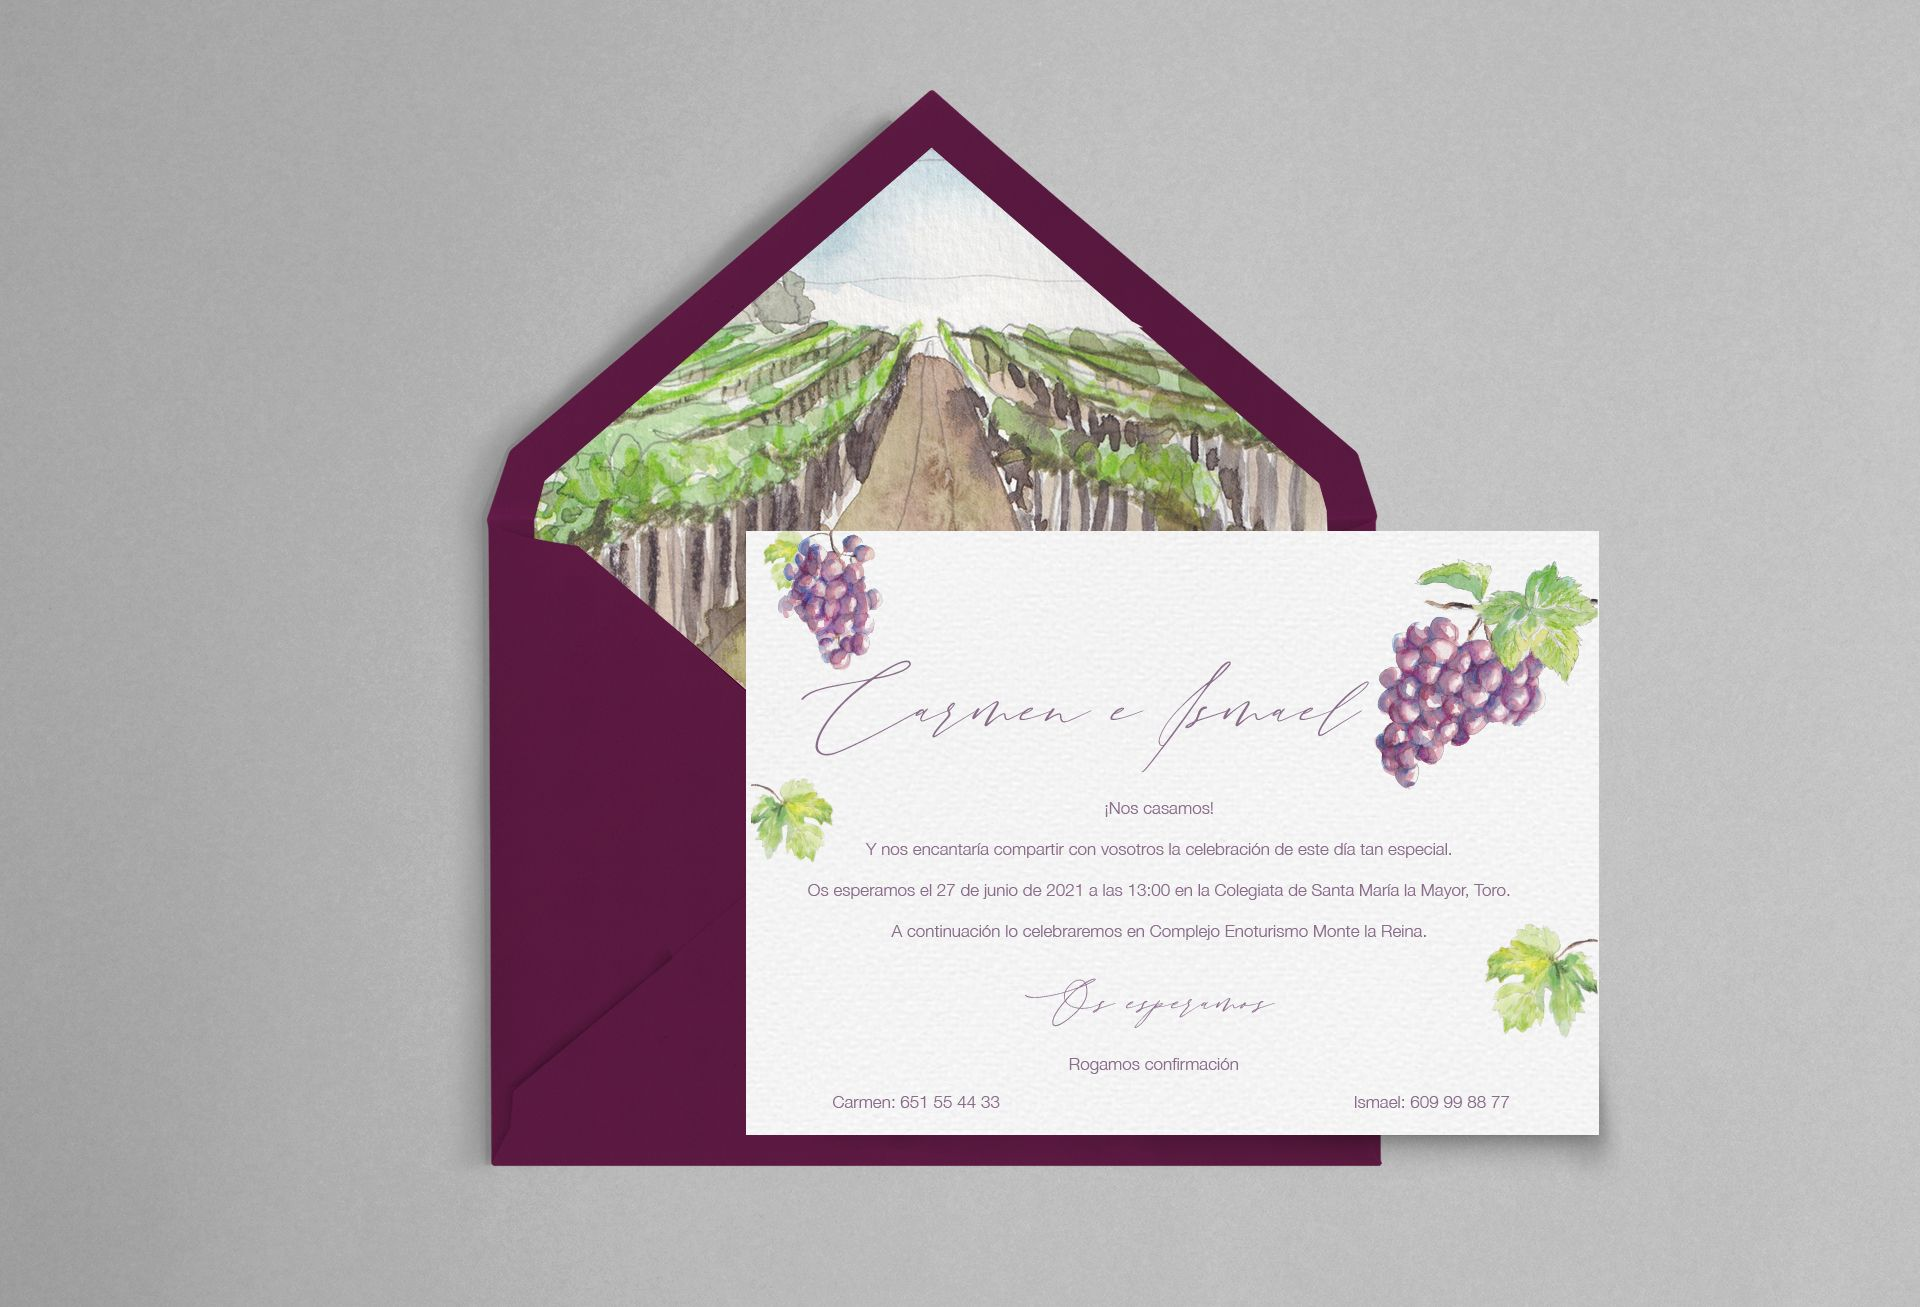 invitacion de boda con acuarela de uvas y viñedo